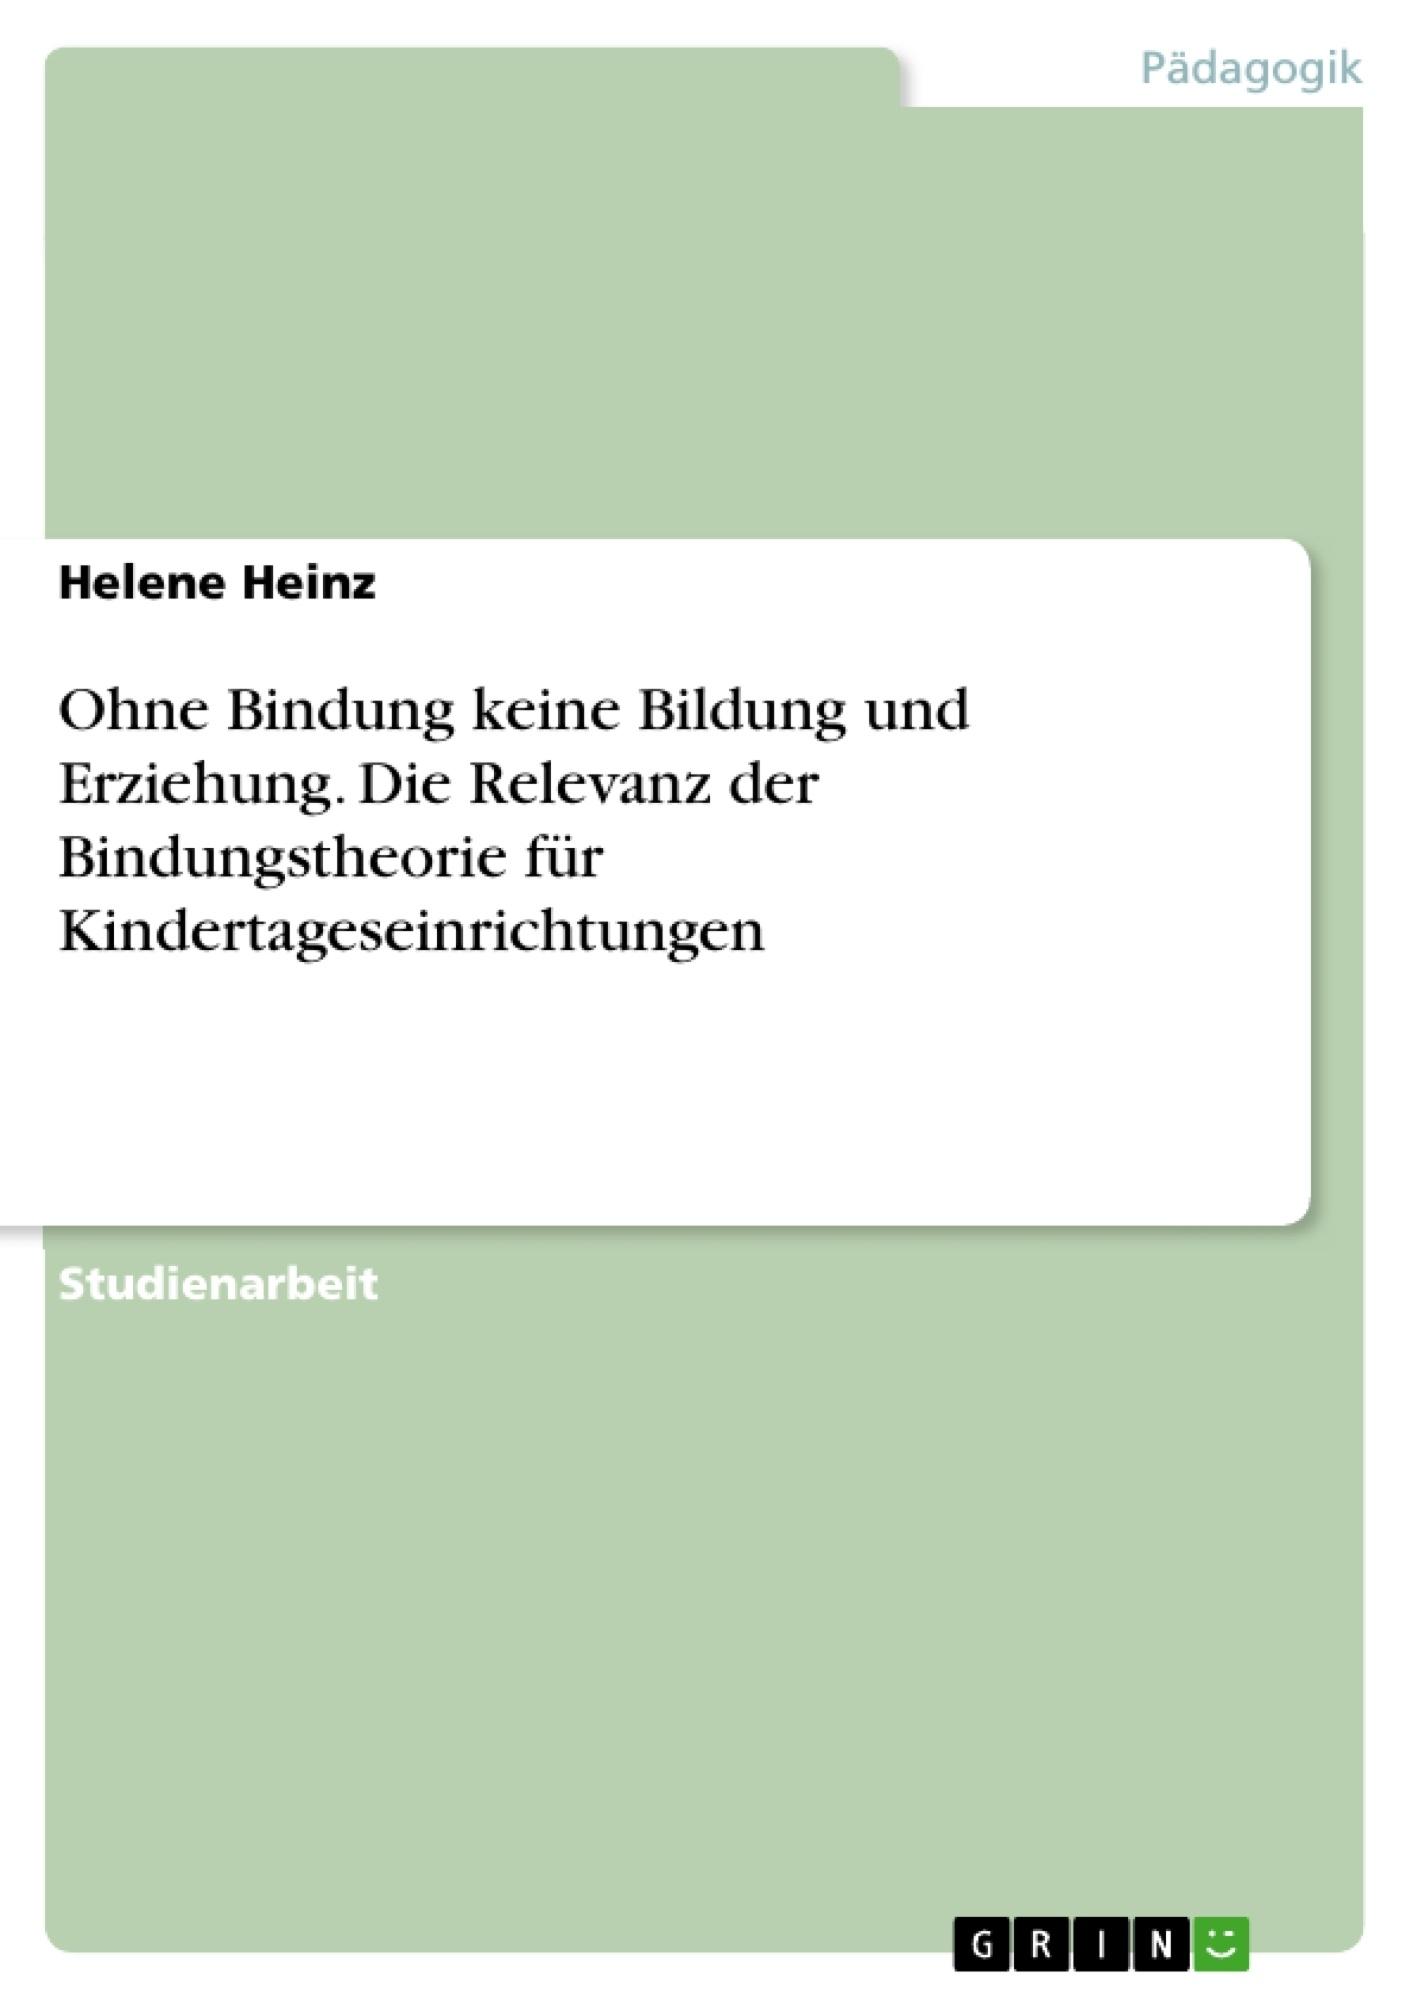 Titel: Ohne Bindung keine Bildung und Erziehung. Die Relevanz der Bindungstheorie für Kindertageseinrichtungen